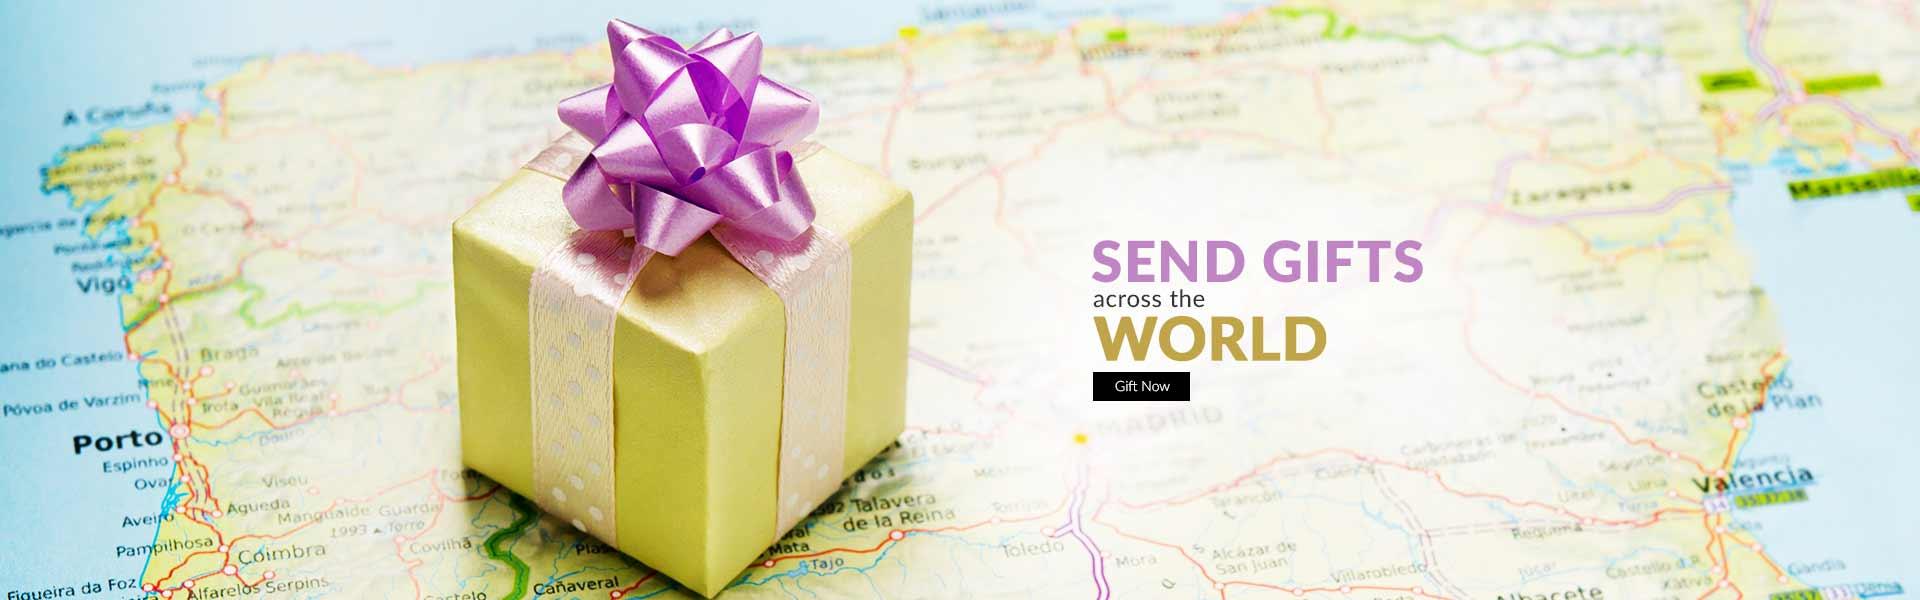 Global Gifting